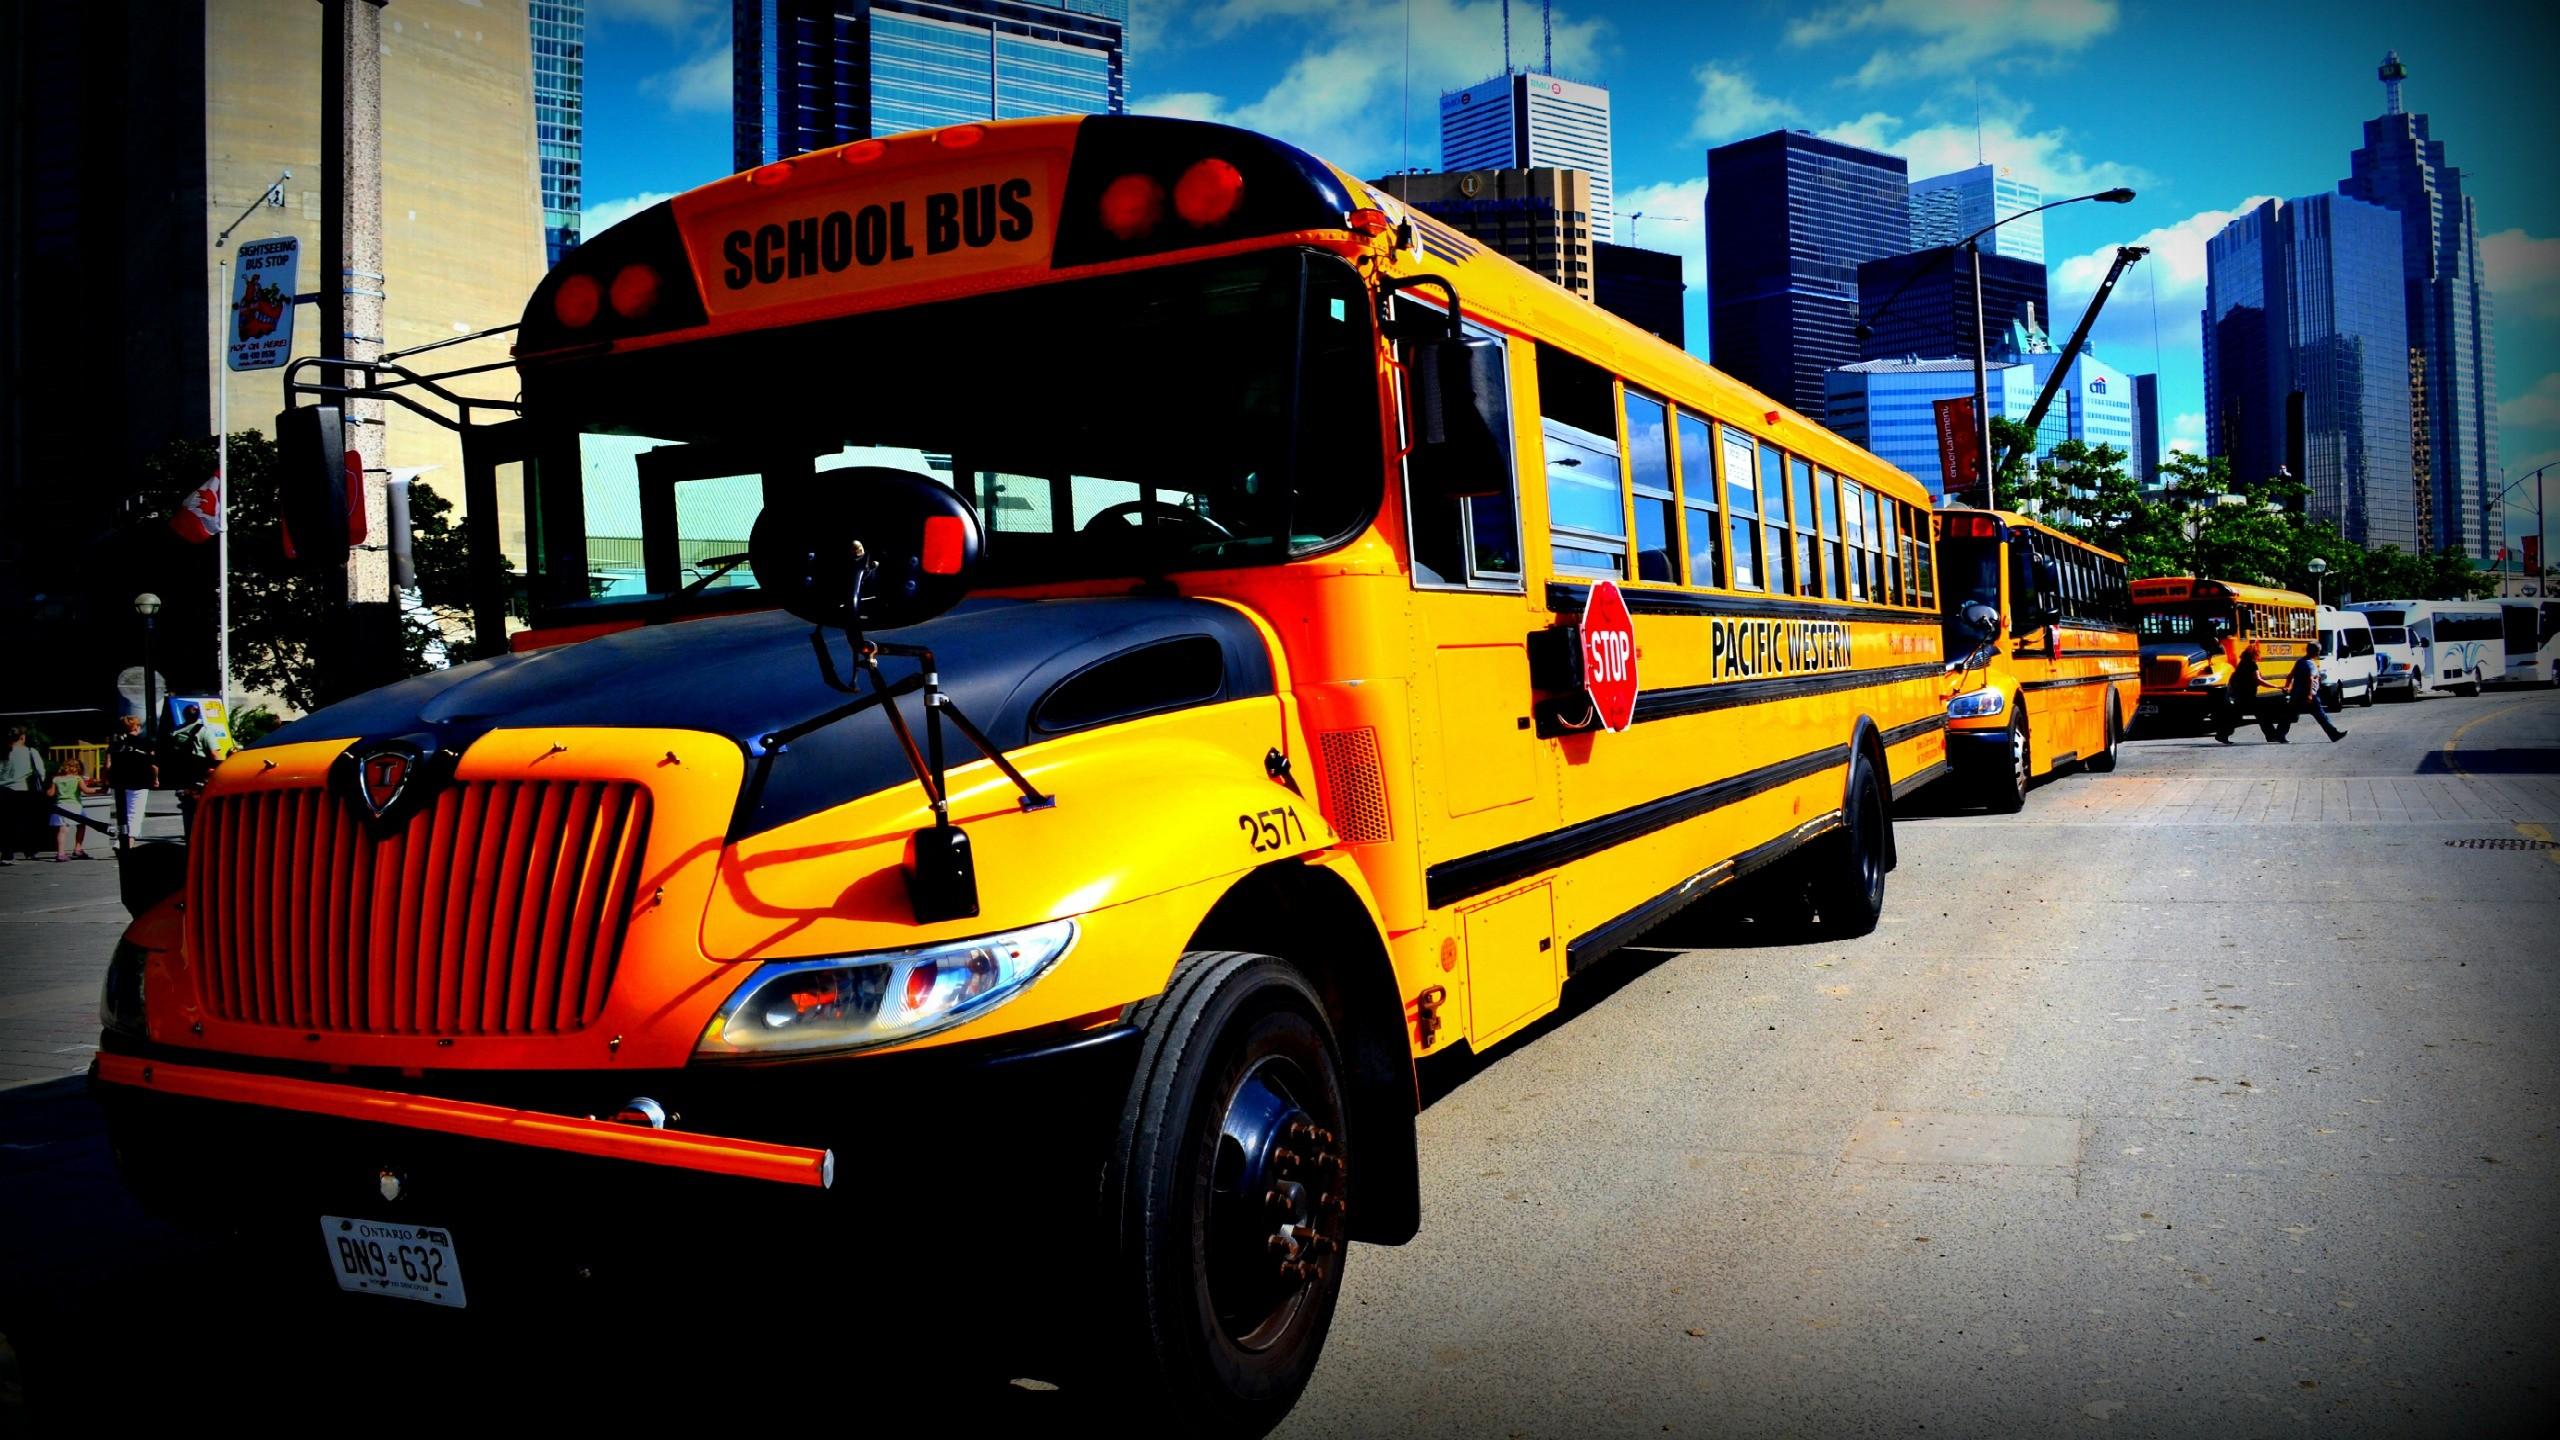 School Bus   Wallpaper 40188 2560x1440